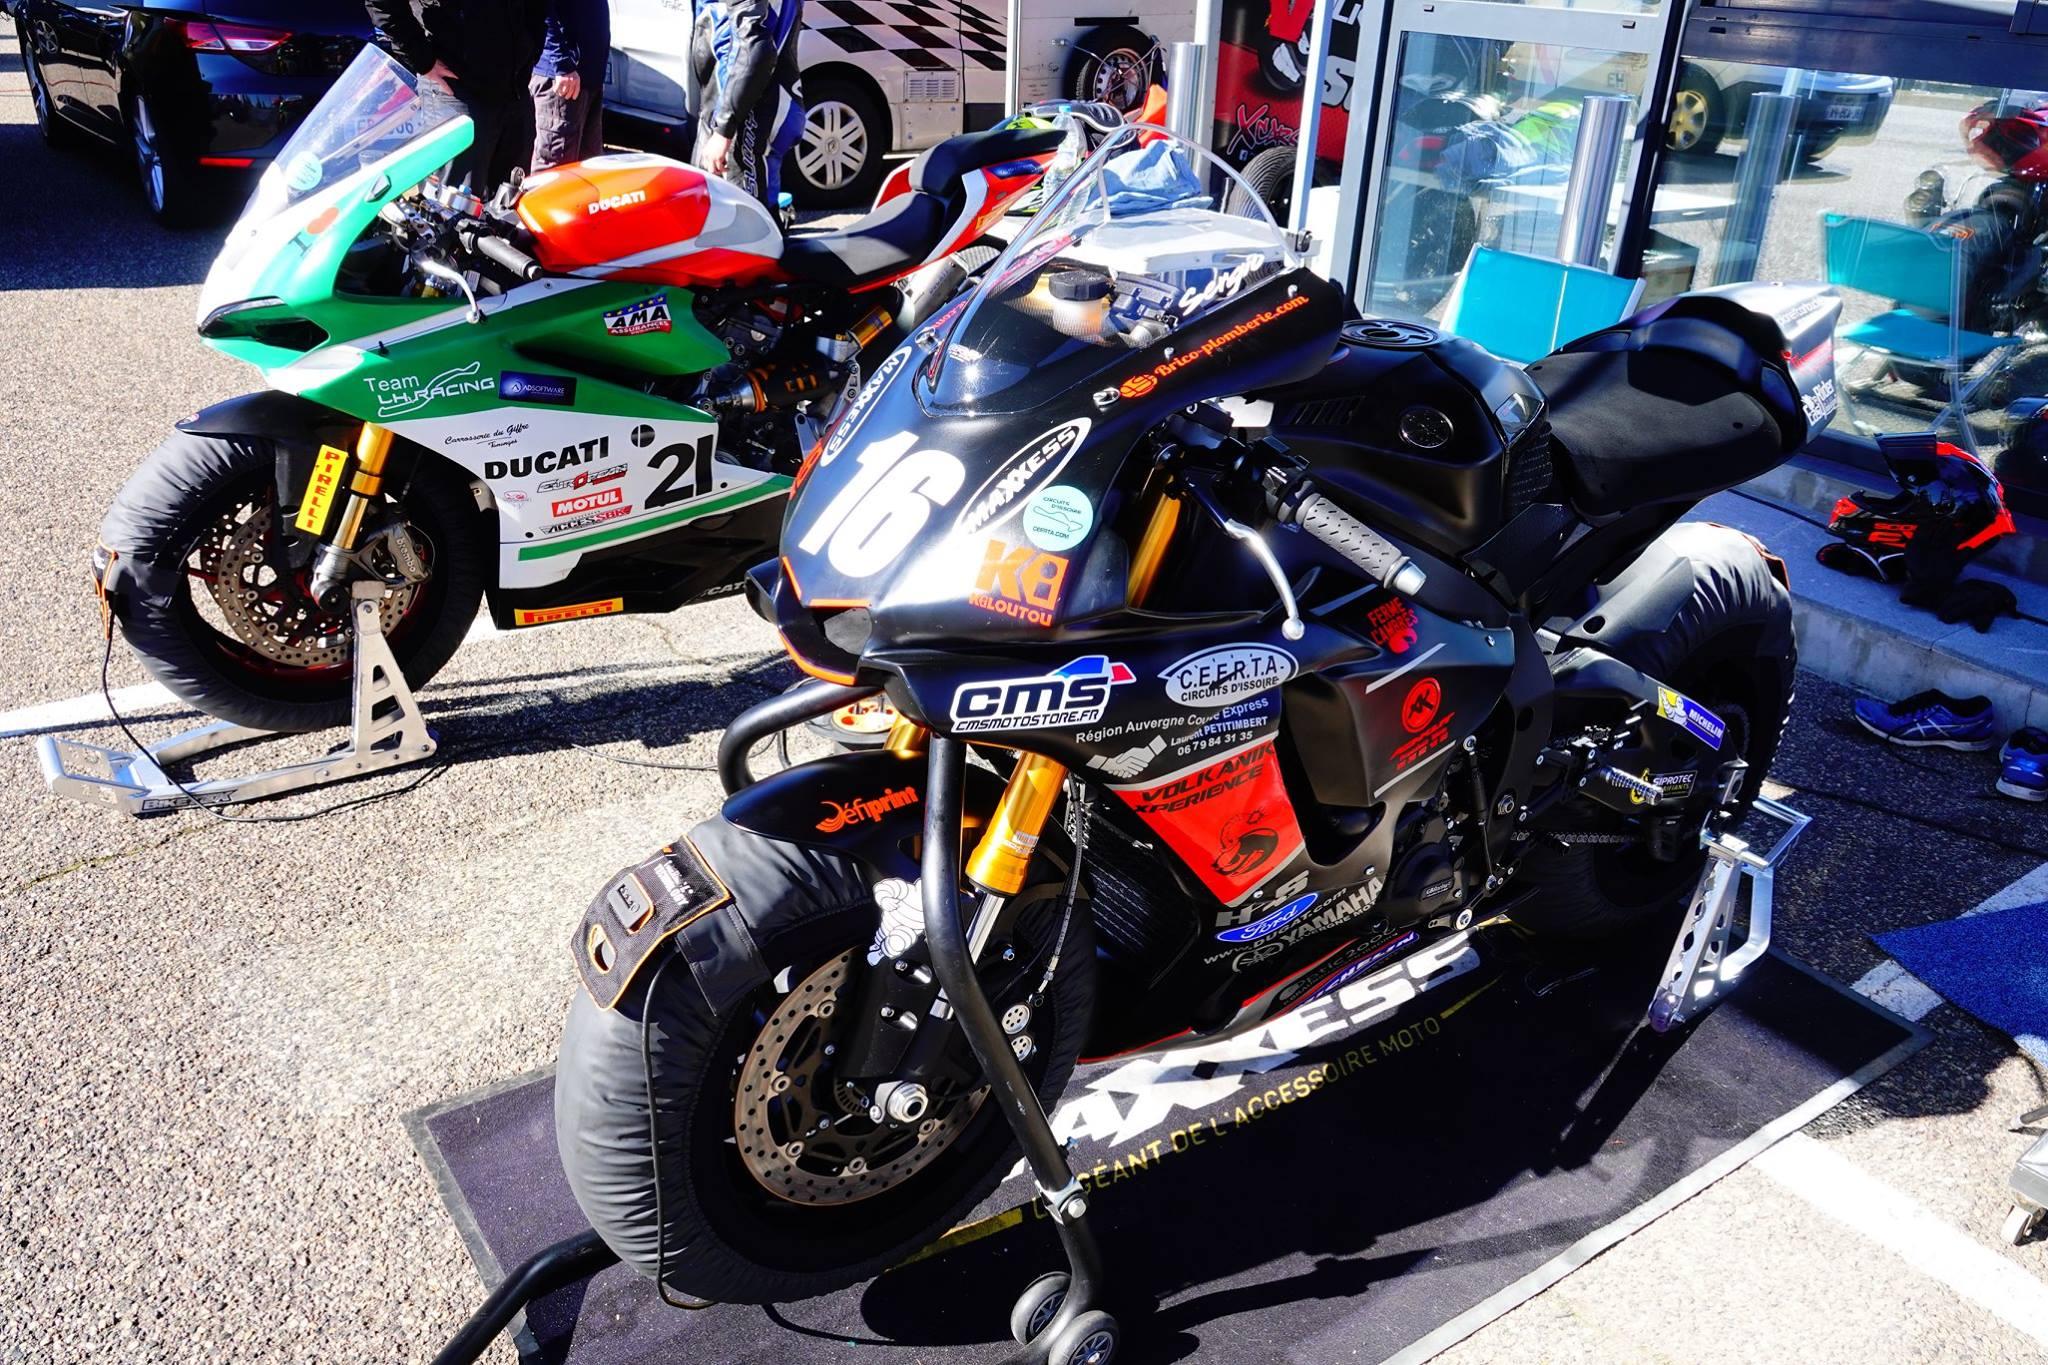 yamaha R1 2018 préparé par CMS motorsport engagé en FSBk avec le pilote sergio nangeroni